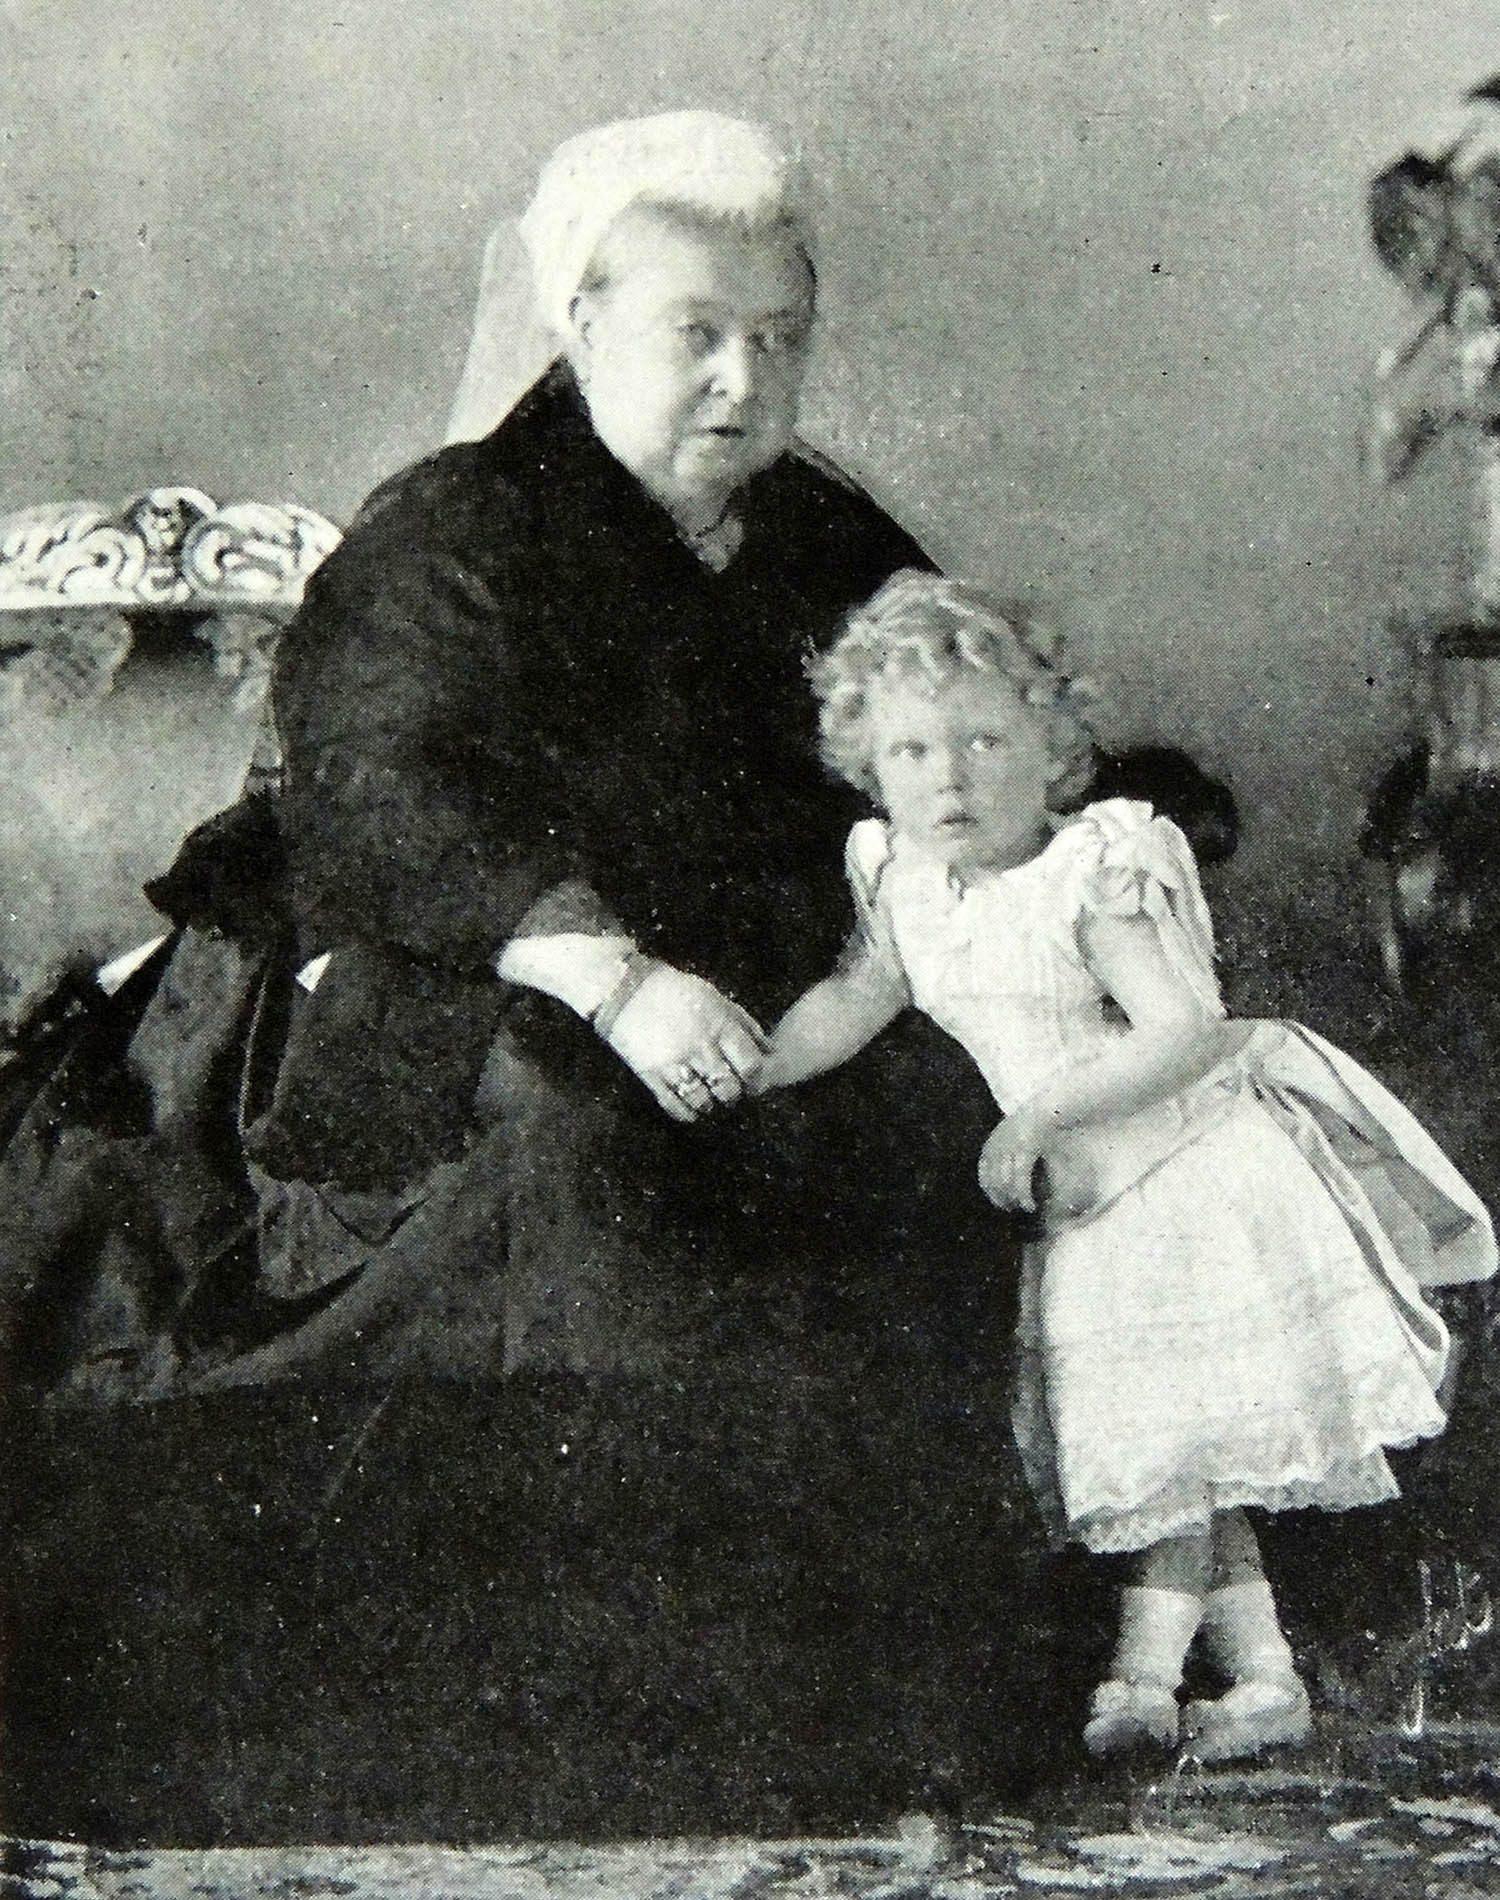 Famille royale : photo du futur (et maintenant feu) roi Édouard VIII et son arrière-grand-mère Victoria.